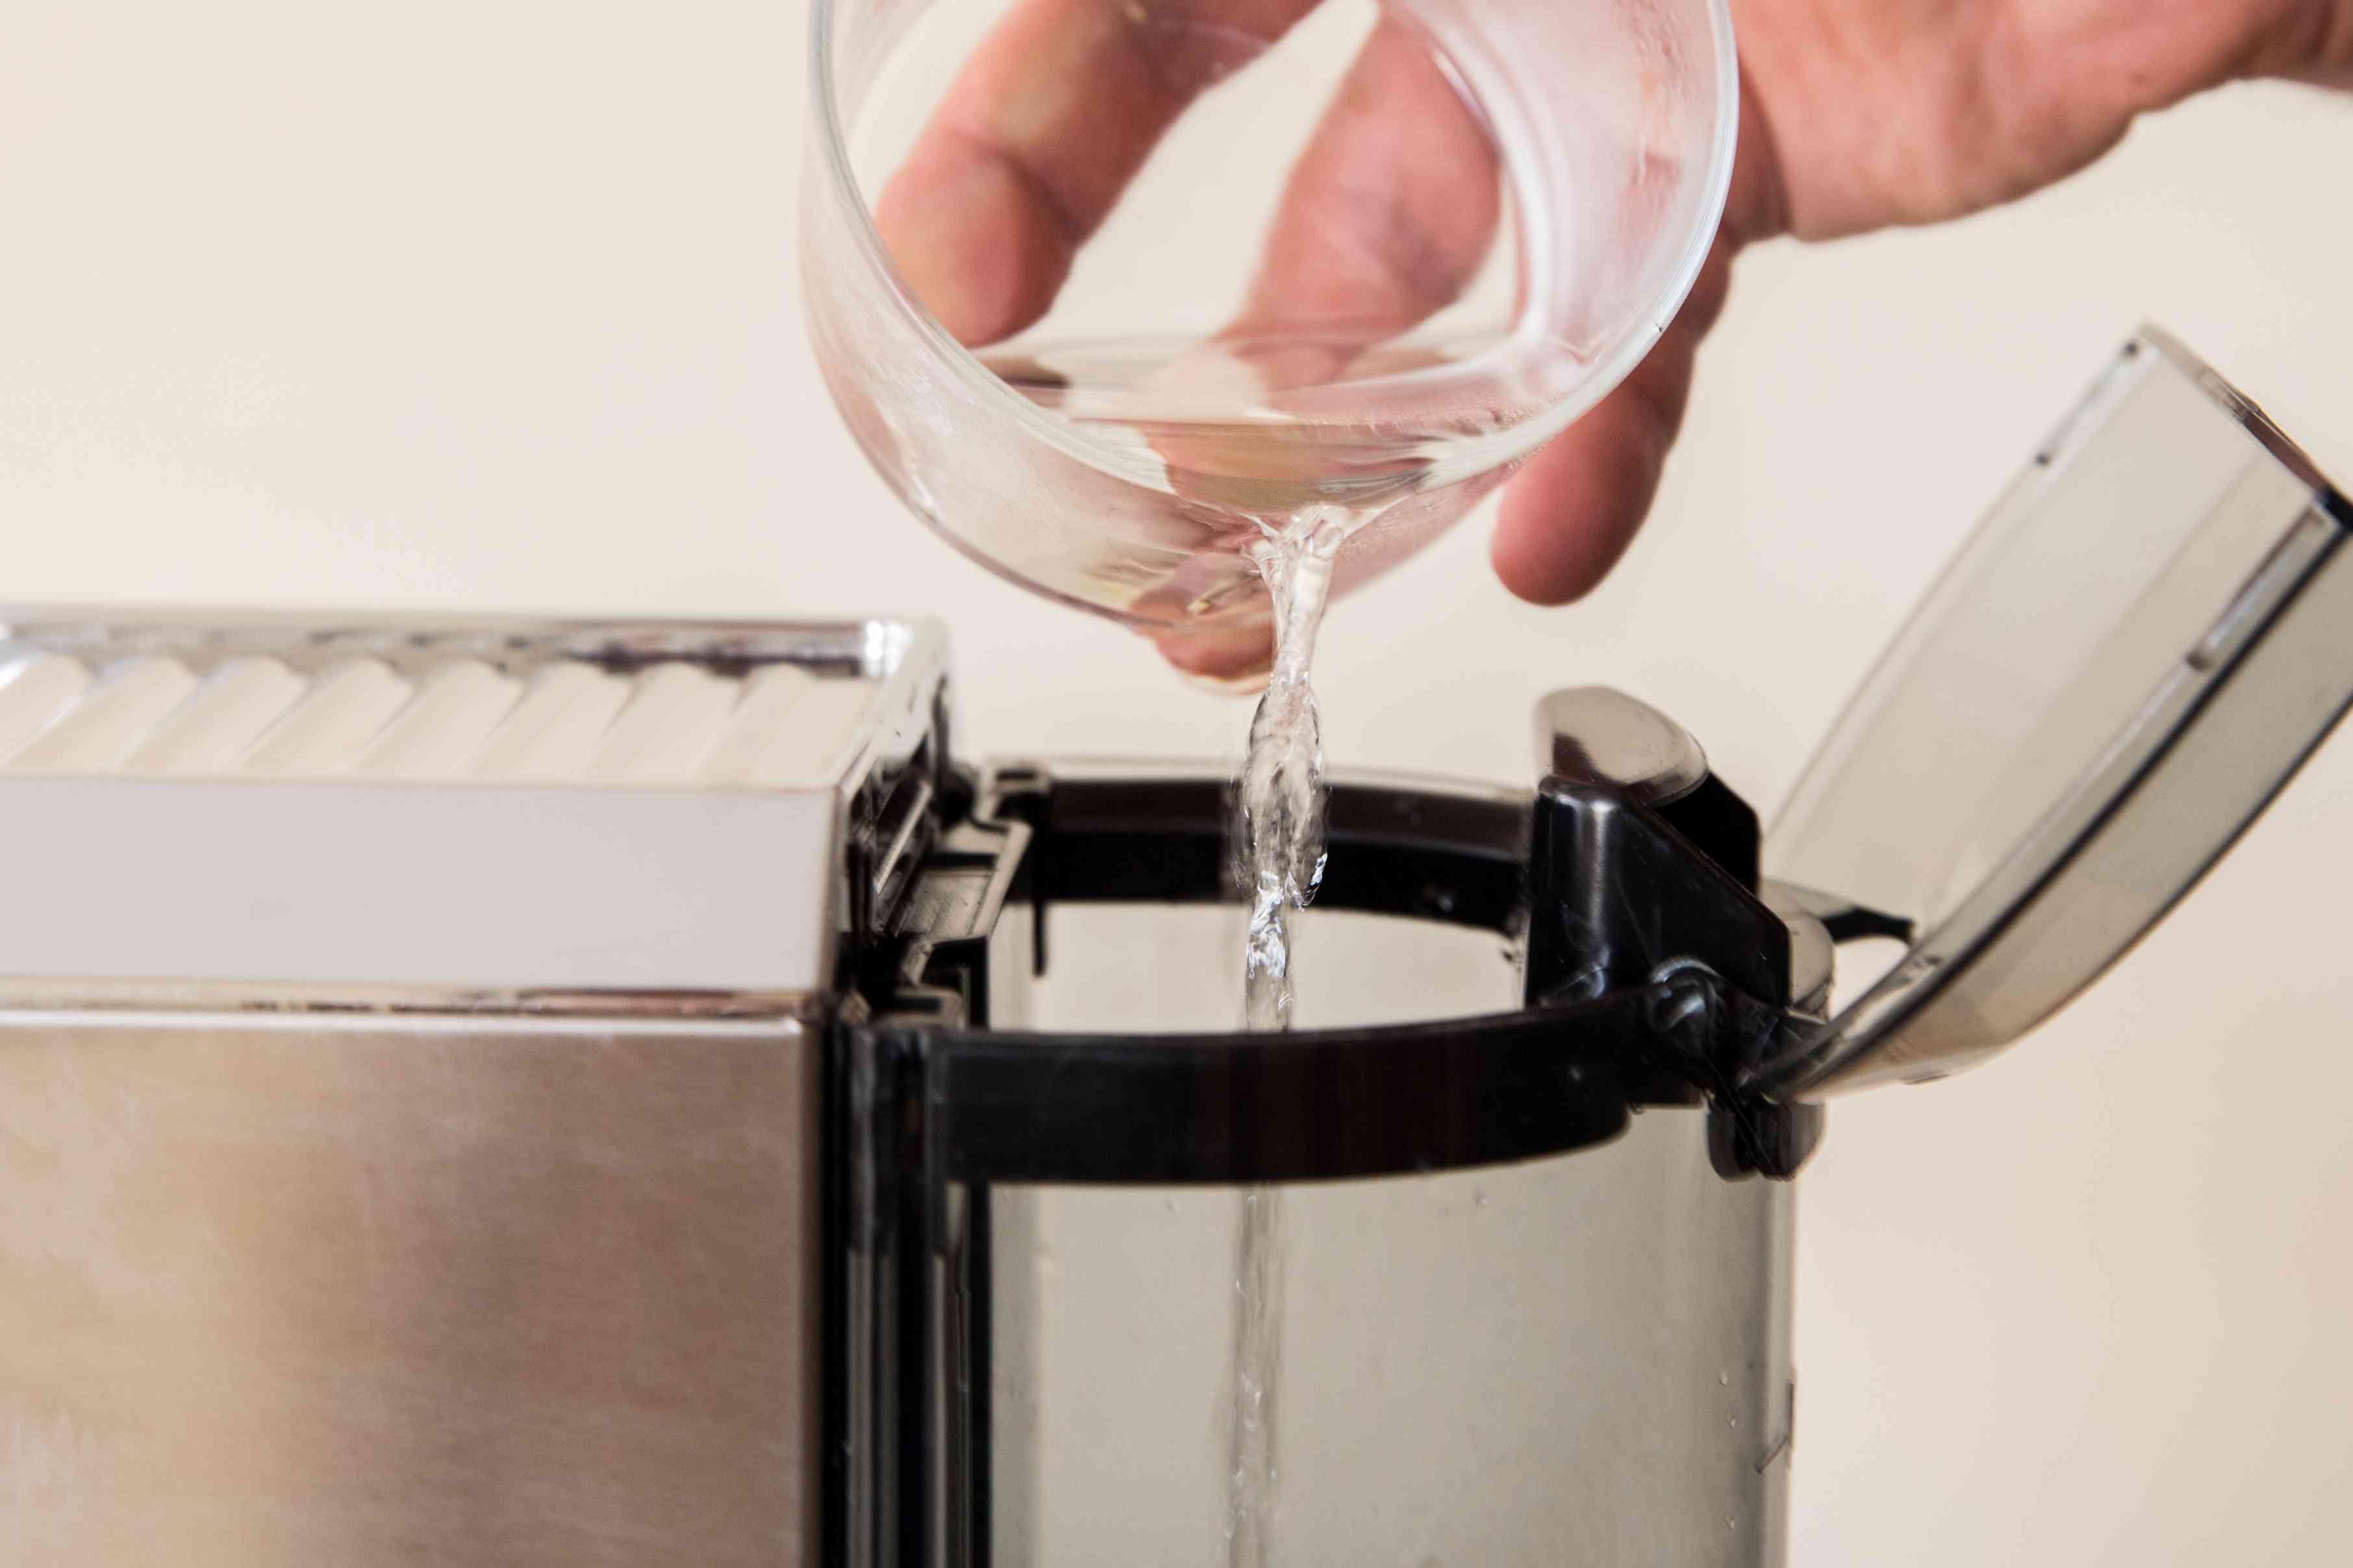 pour water into espresso machine